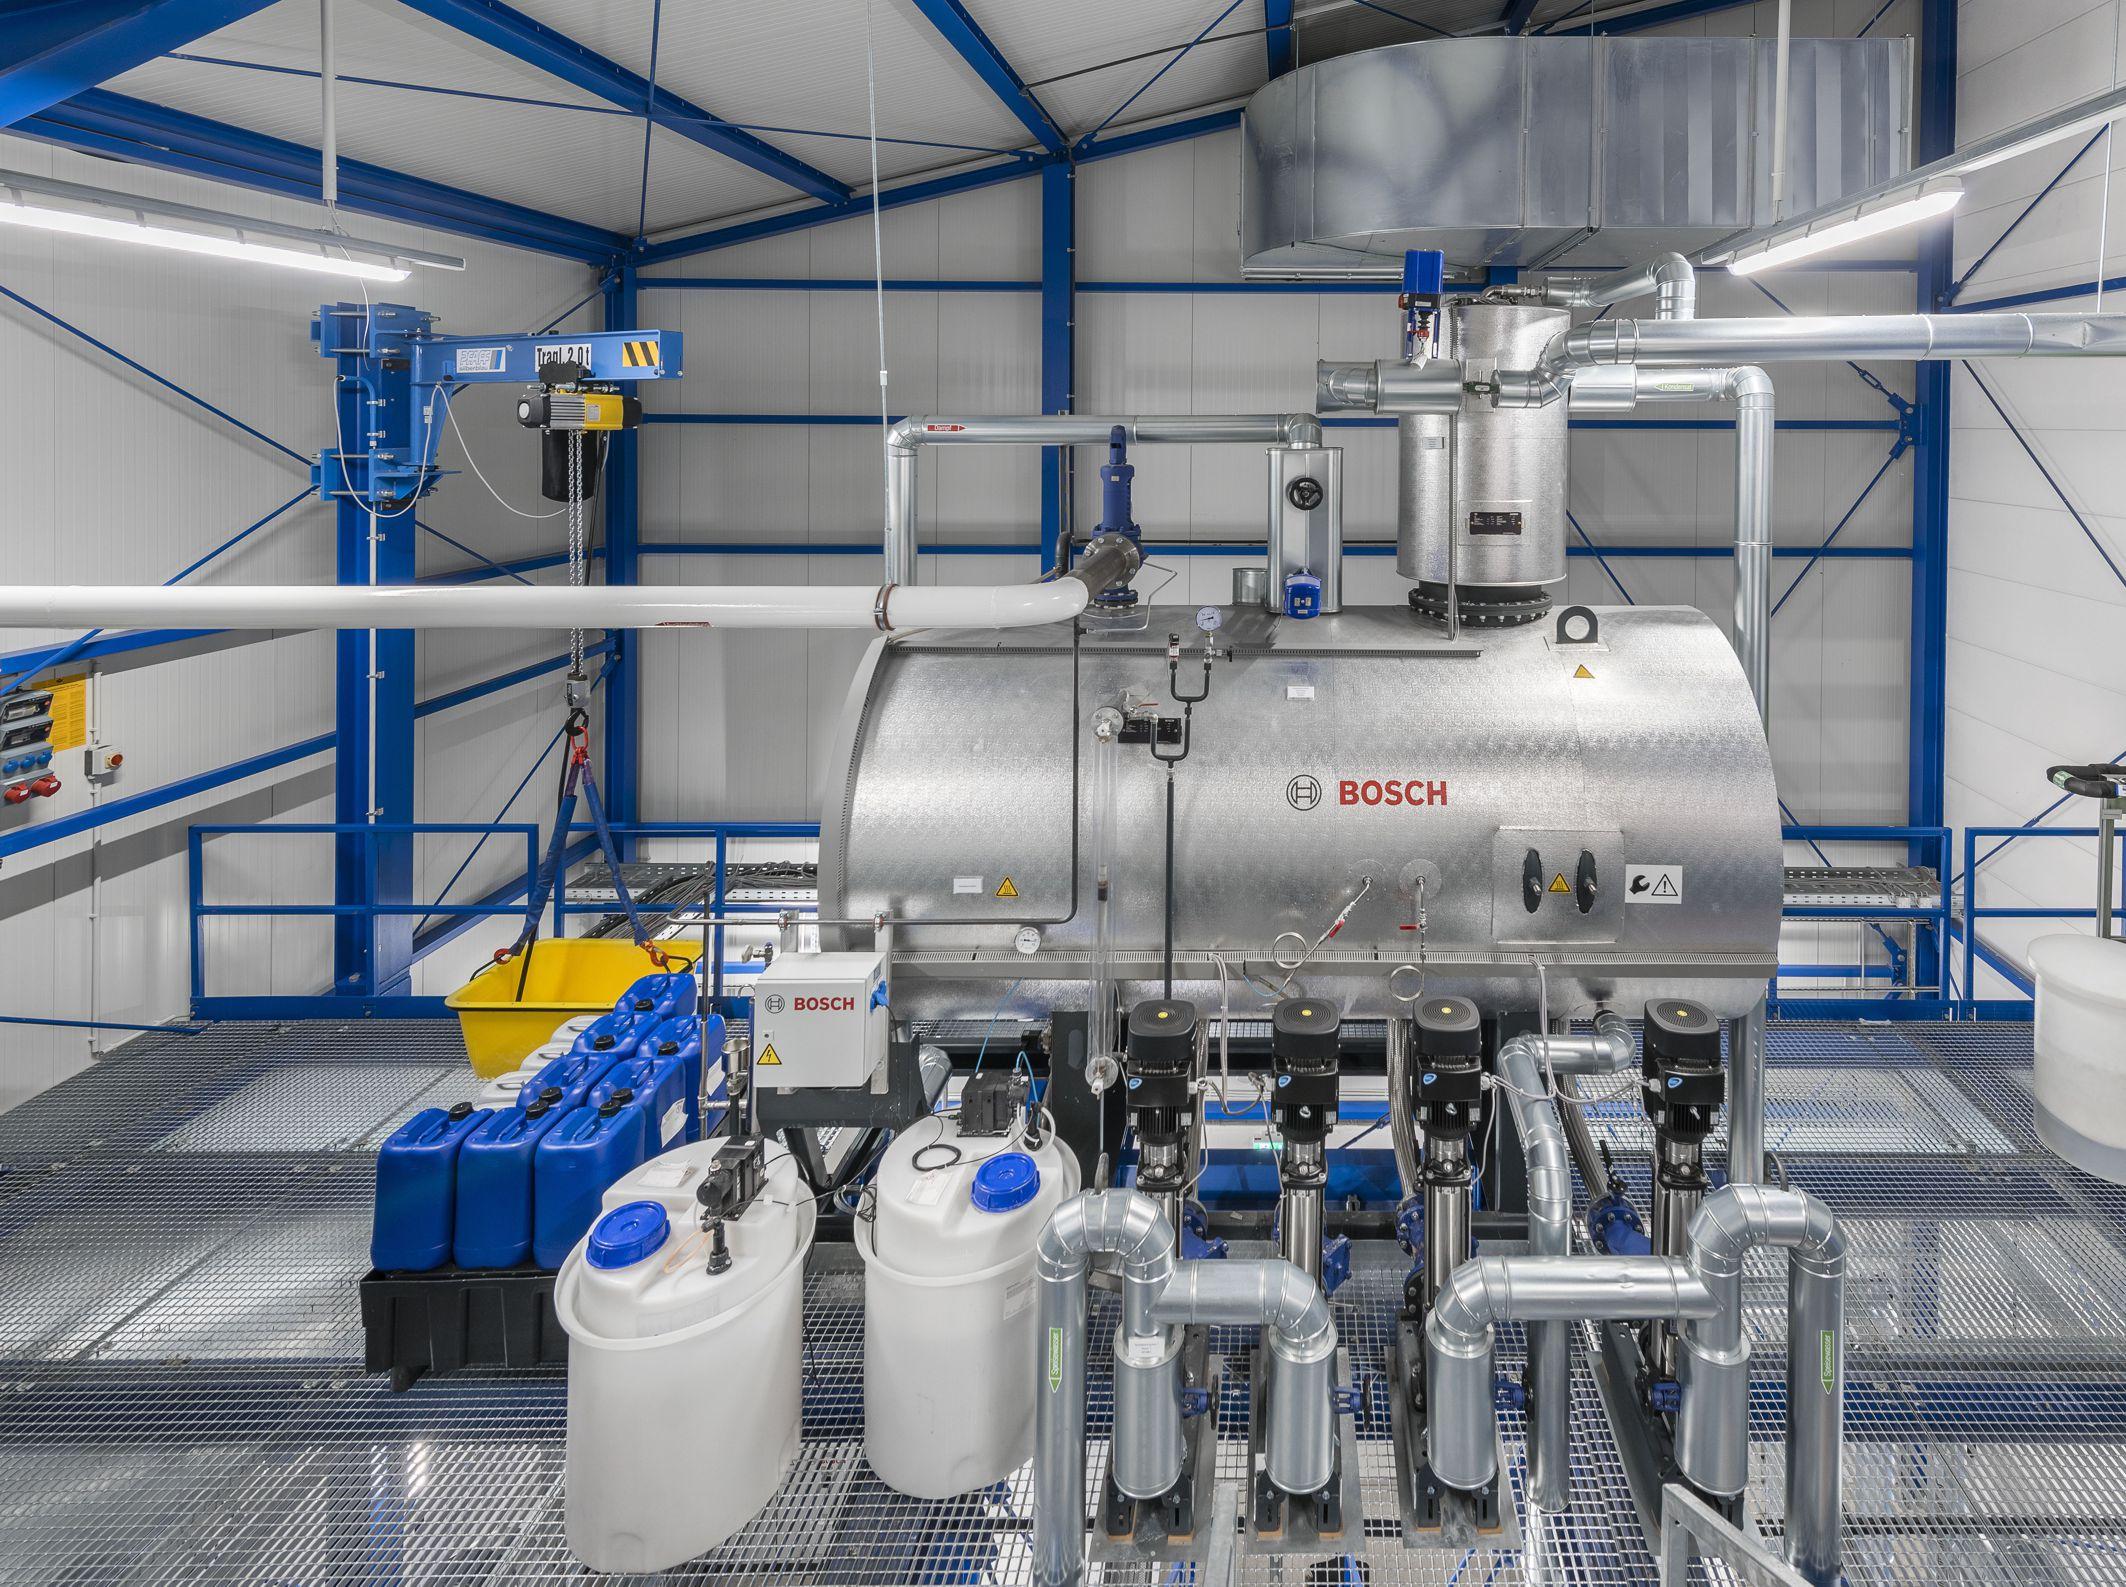 Neue Bosch-Kesselanlage für pflanzliche Arzneimittel von Bionorica ...